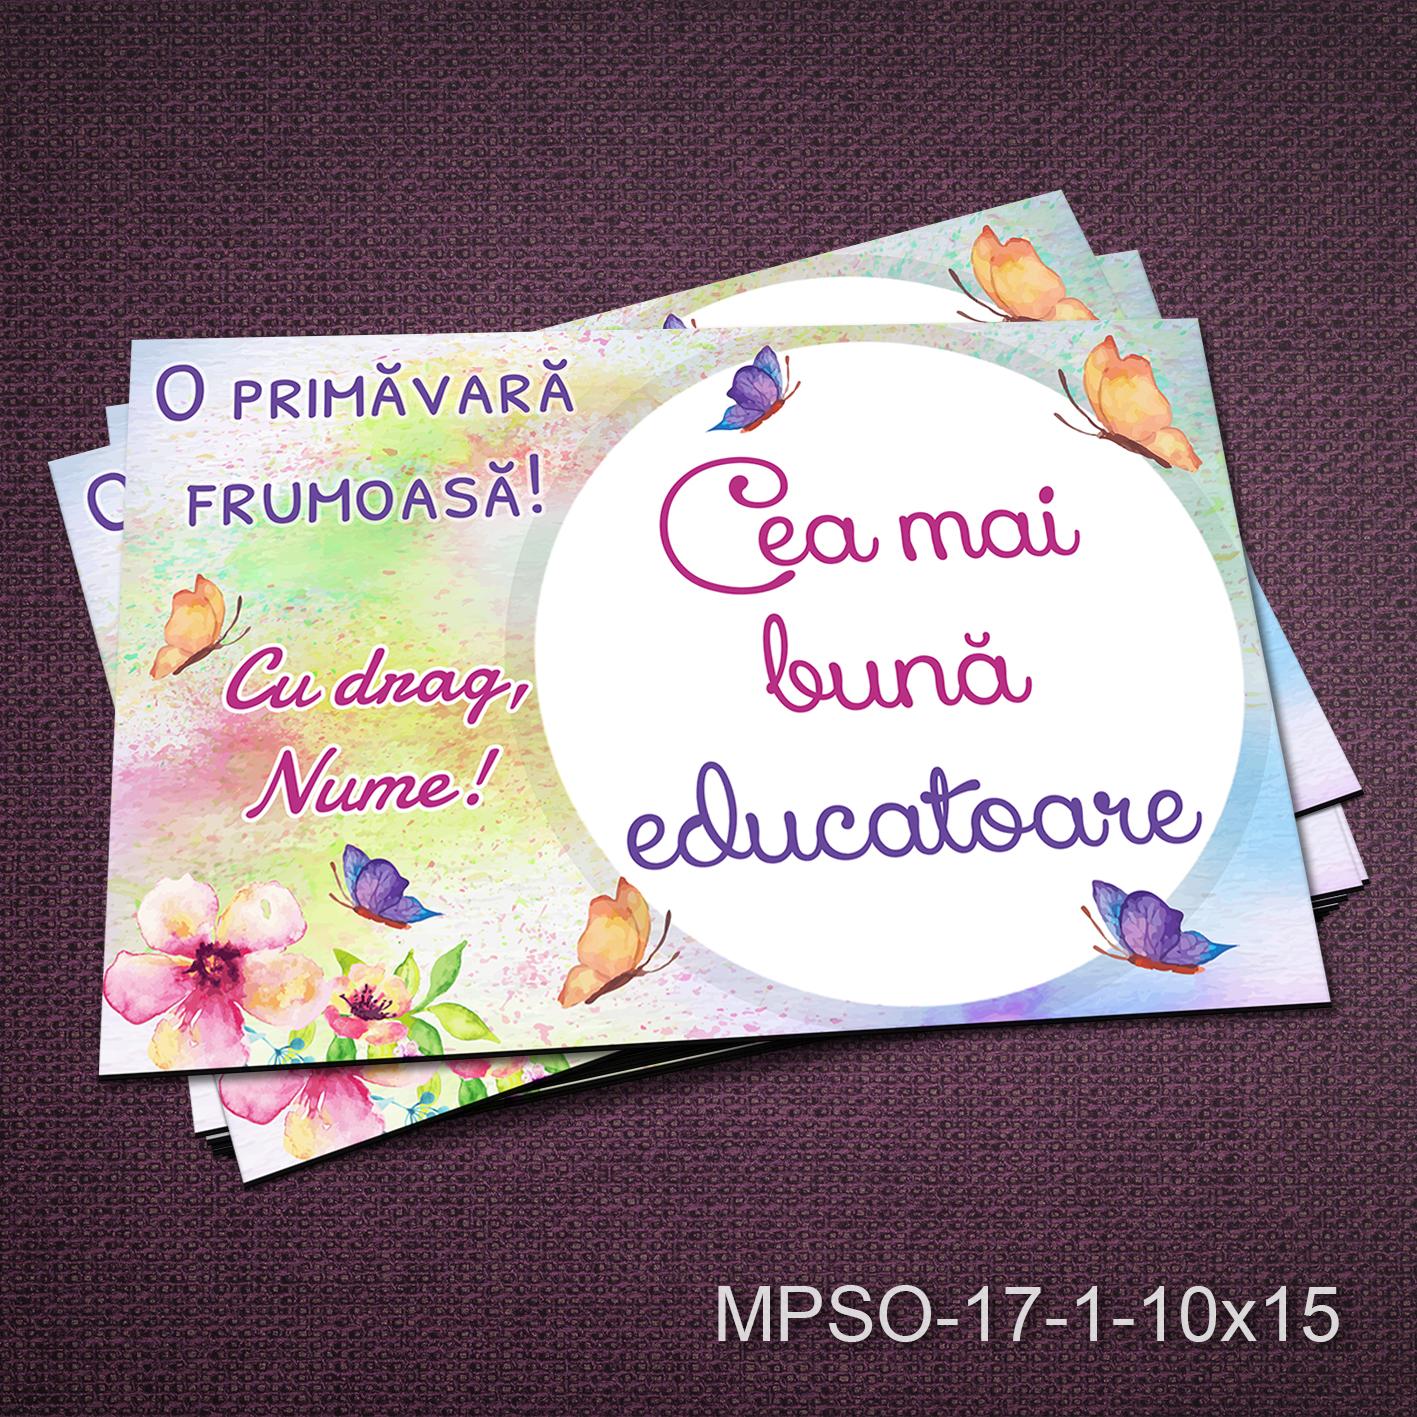 Felicitare magnetica - cea mai buna educatoare - MPSO-17-1-10x15